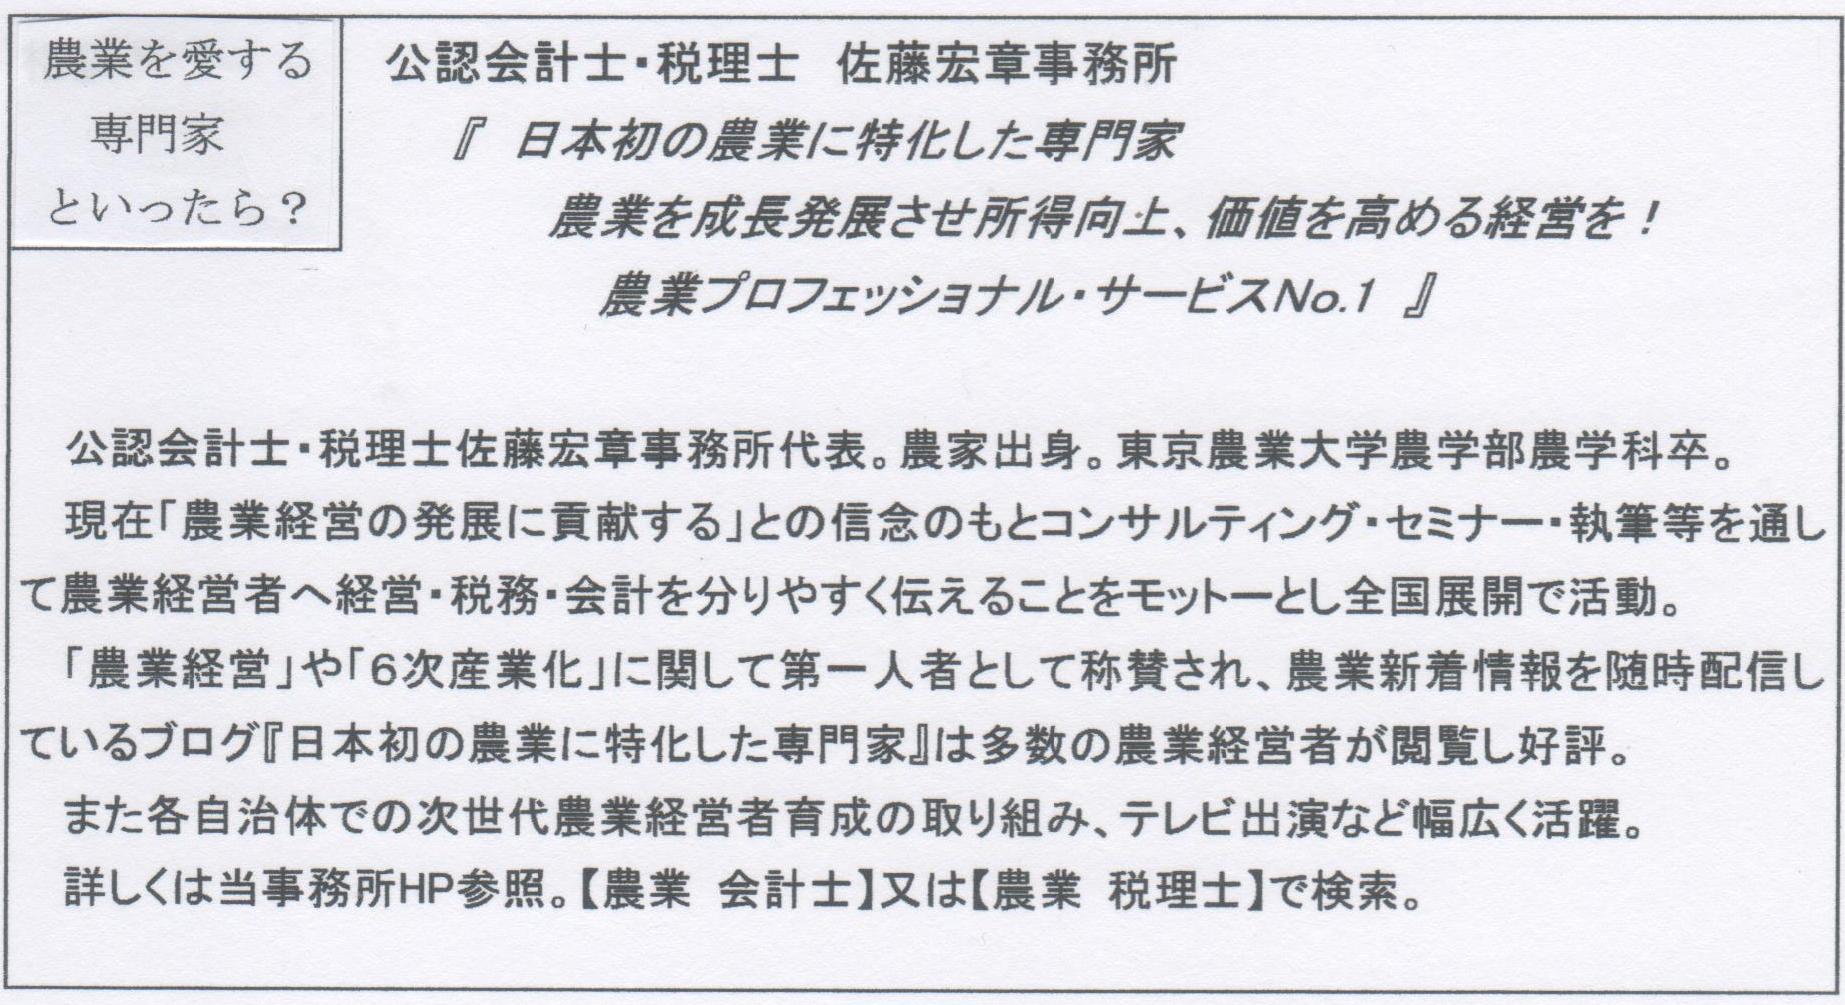 イメージ (4) - コピー